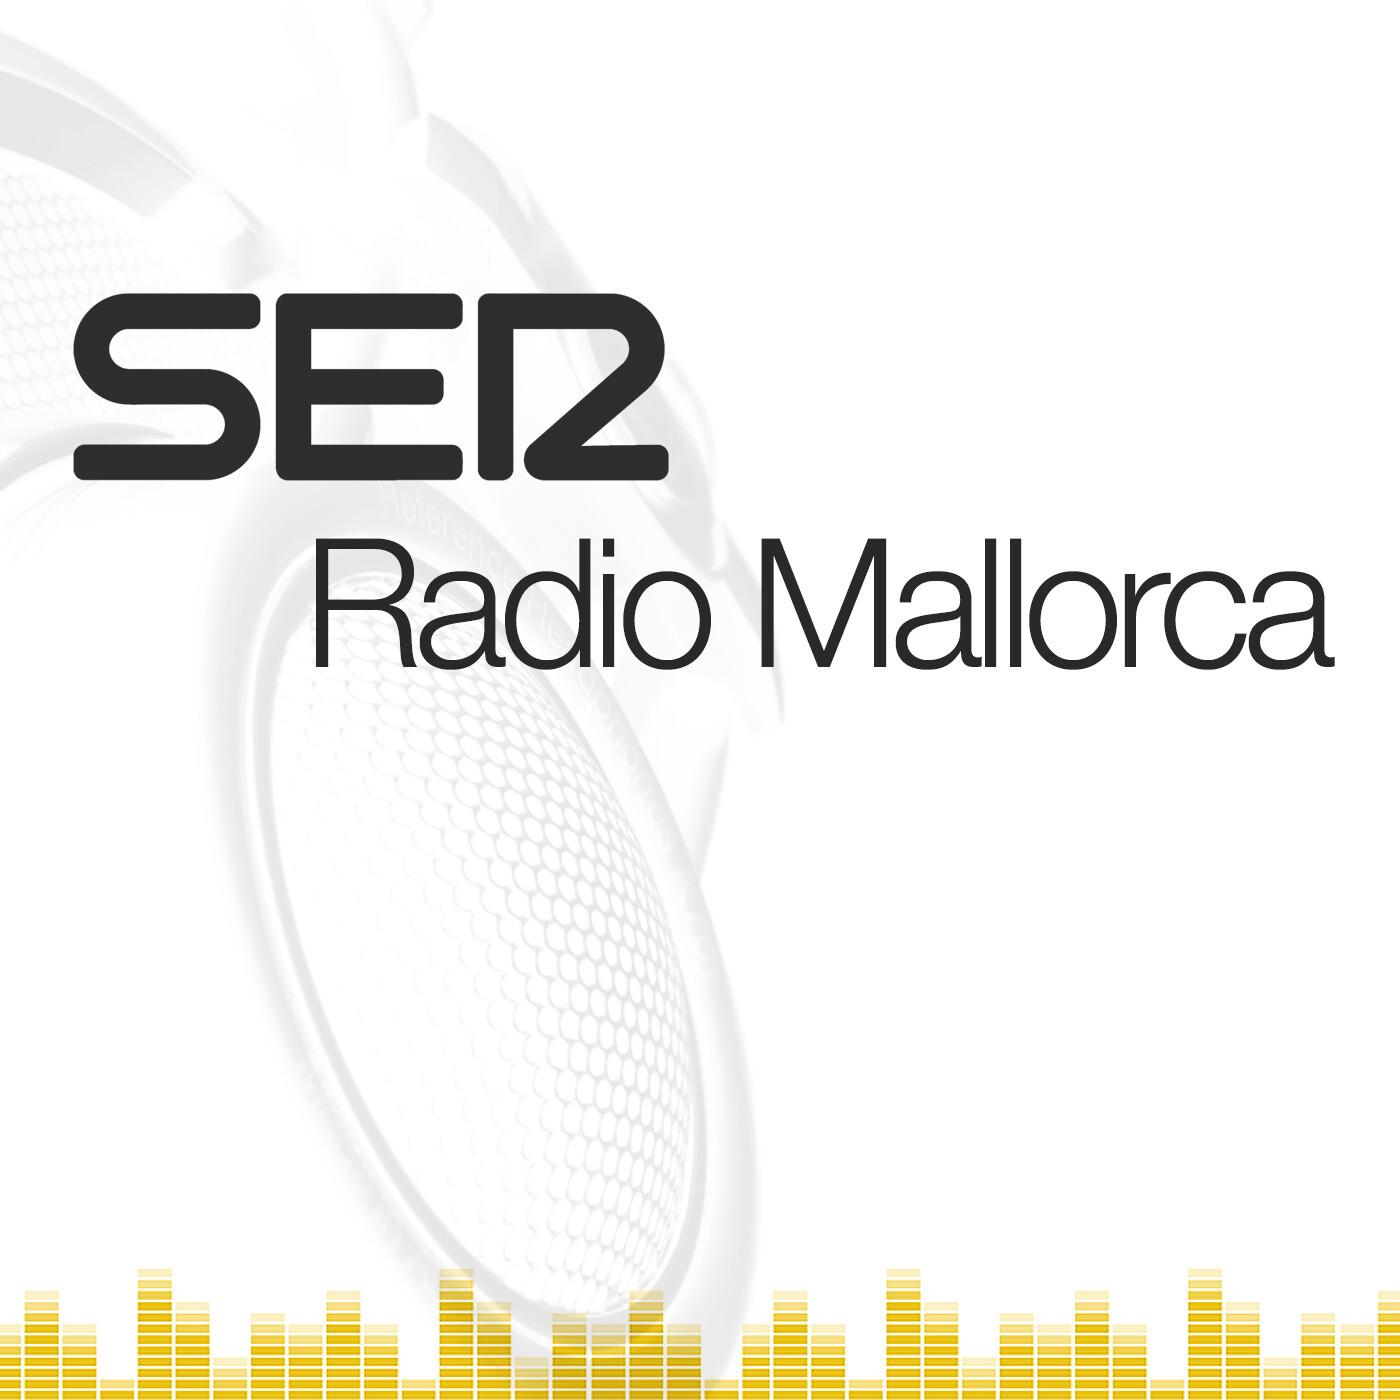 Hoy por Hoy Mallorca (20/10/2020)